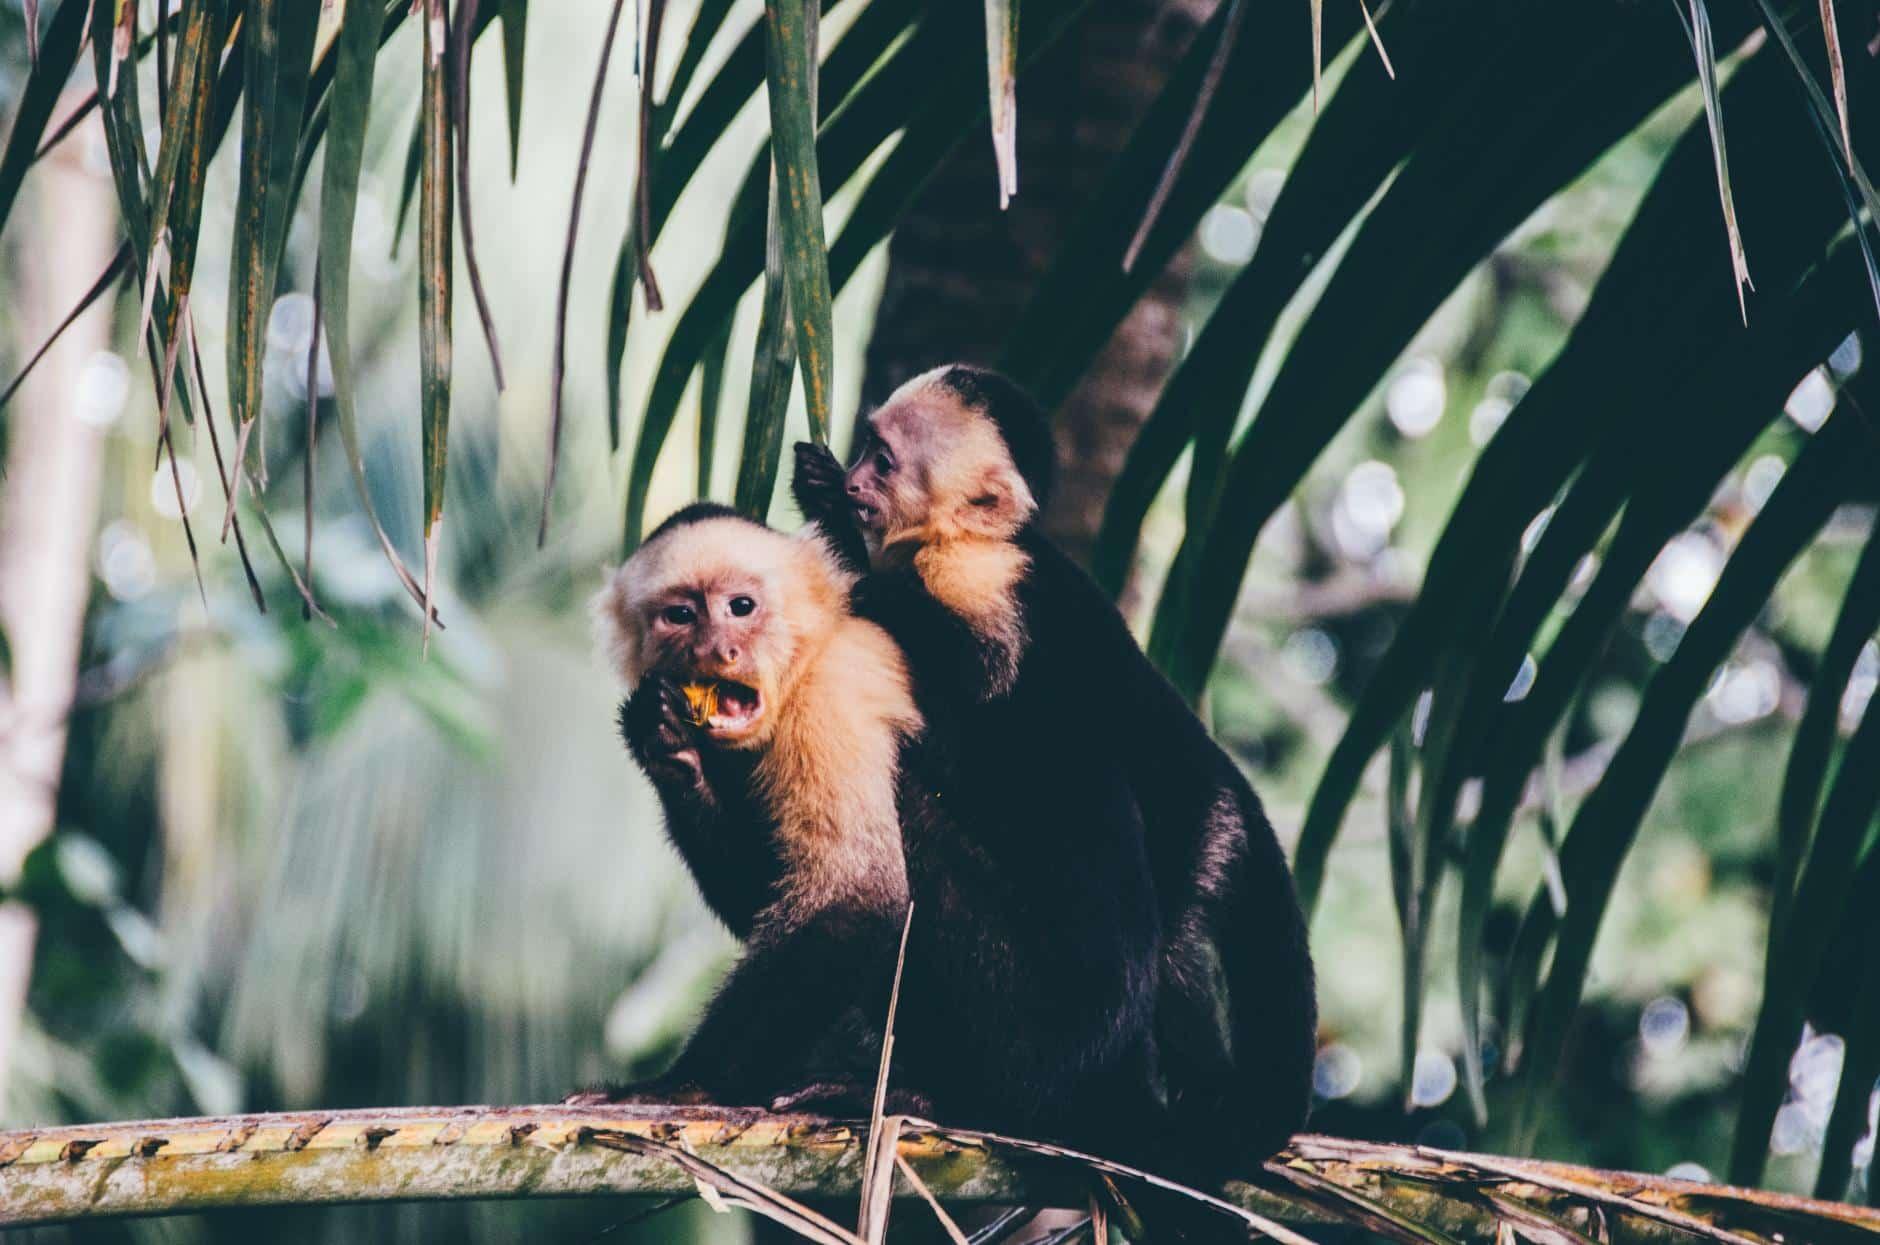 Costa Rica cerrará todos los zoológicos y liberará a cada animal cautivo